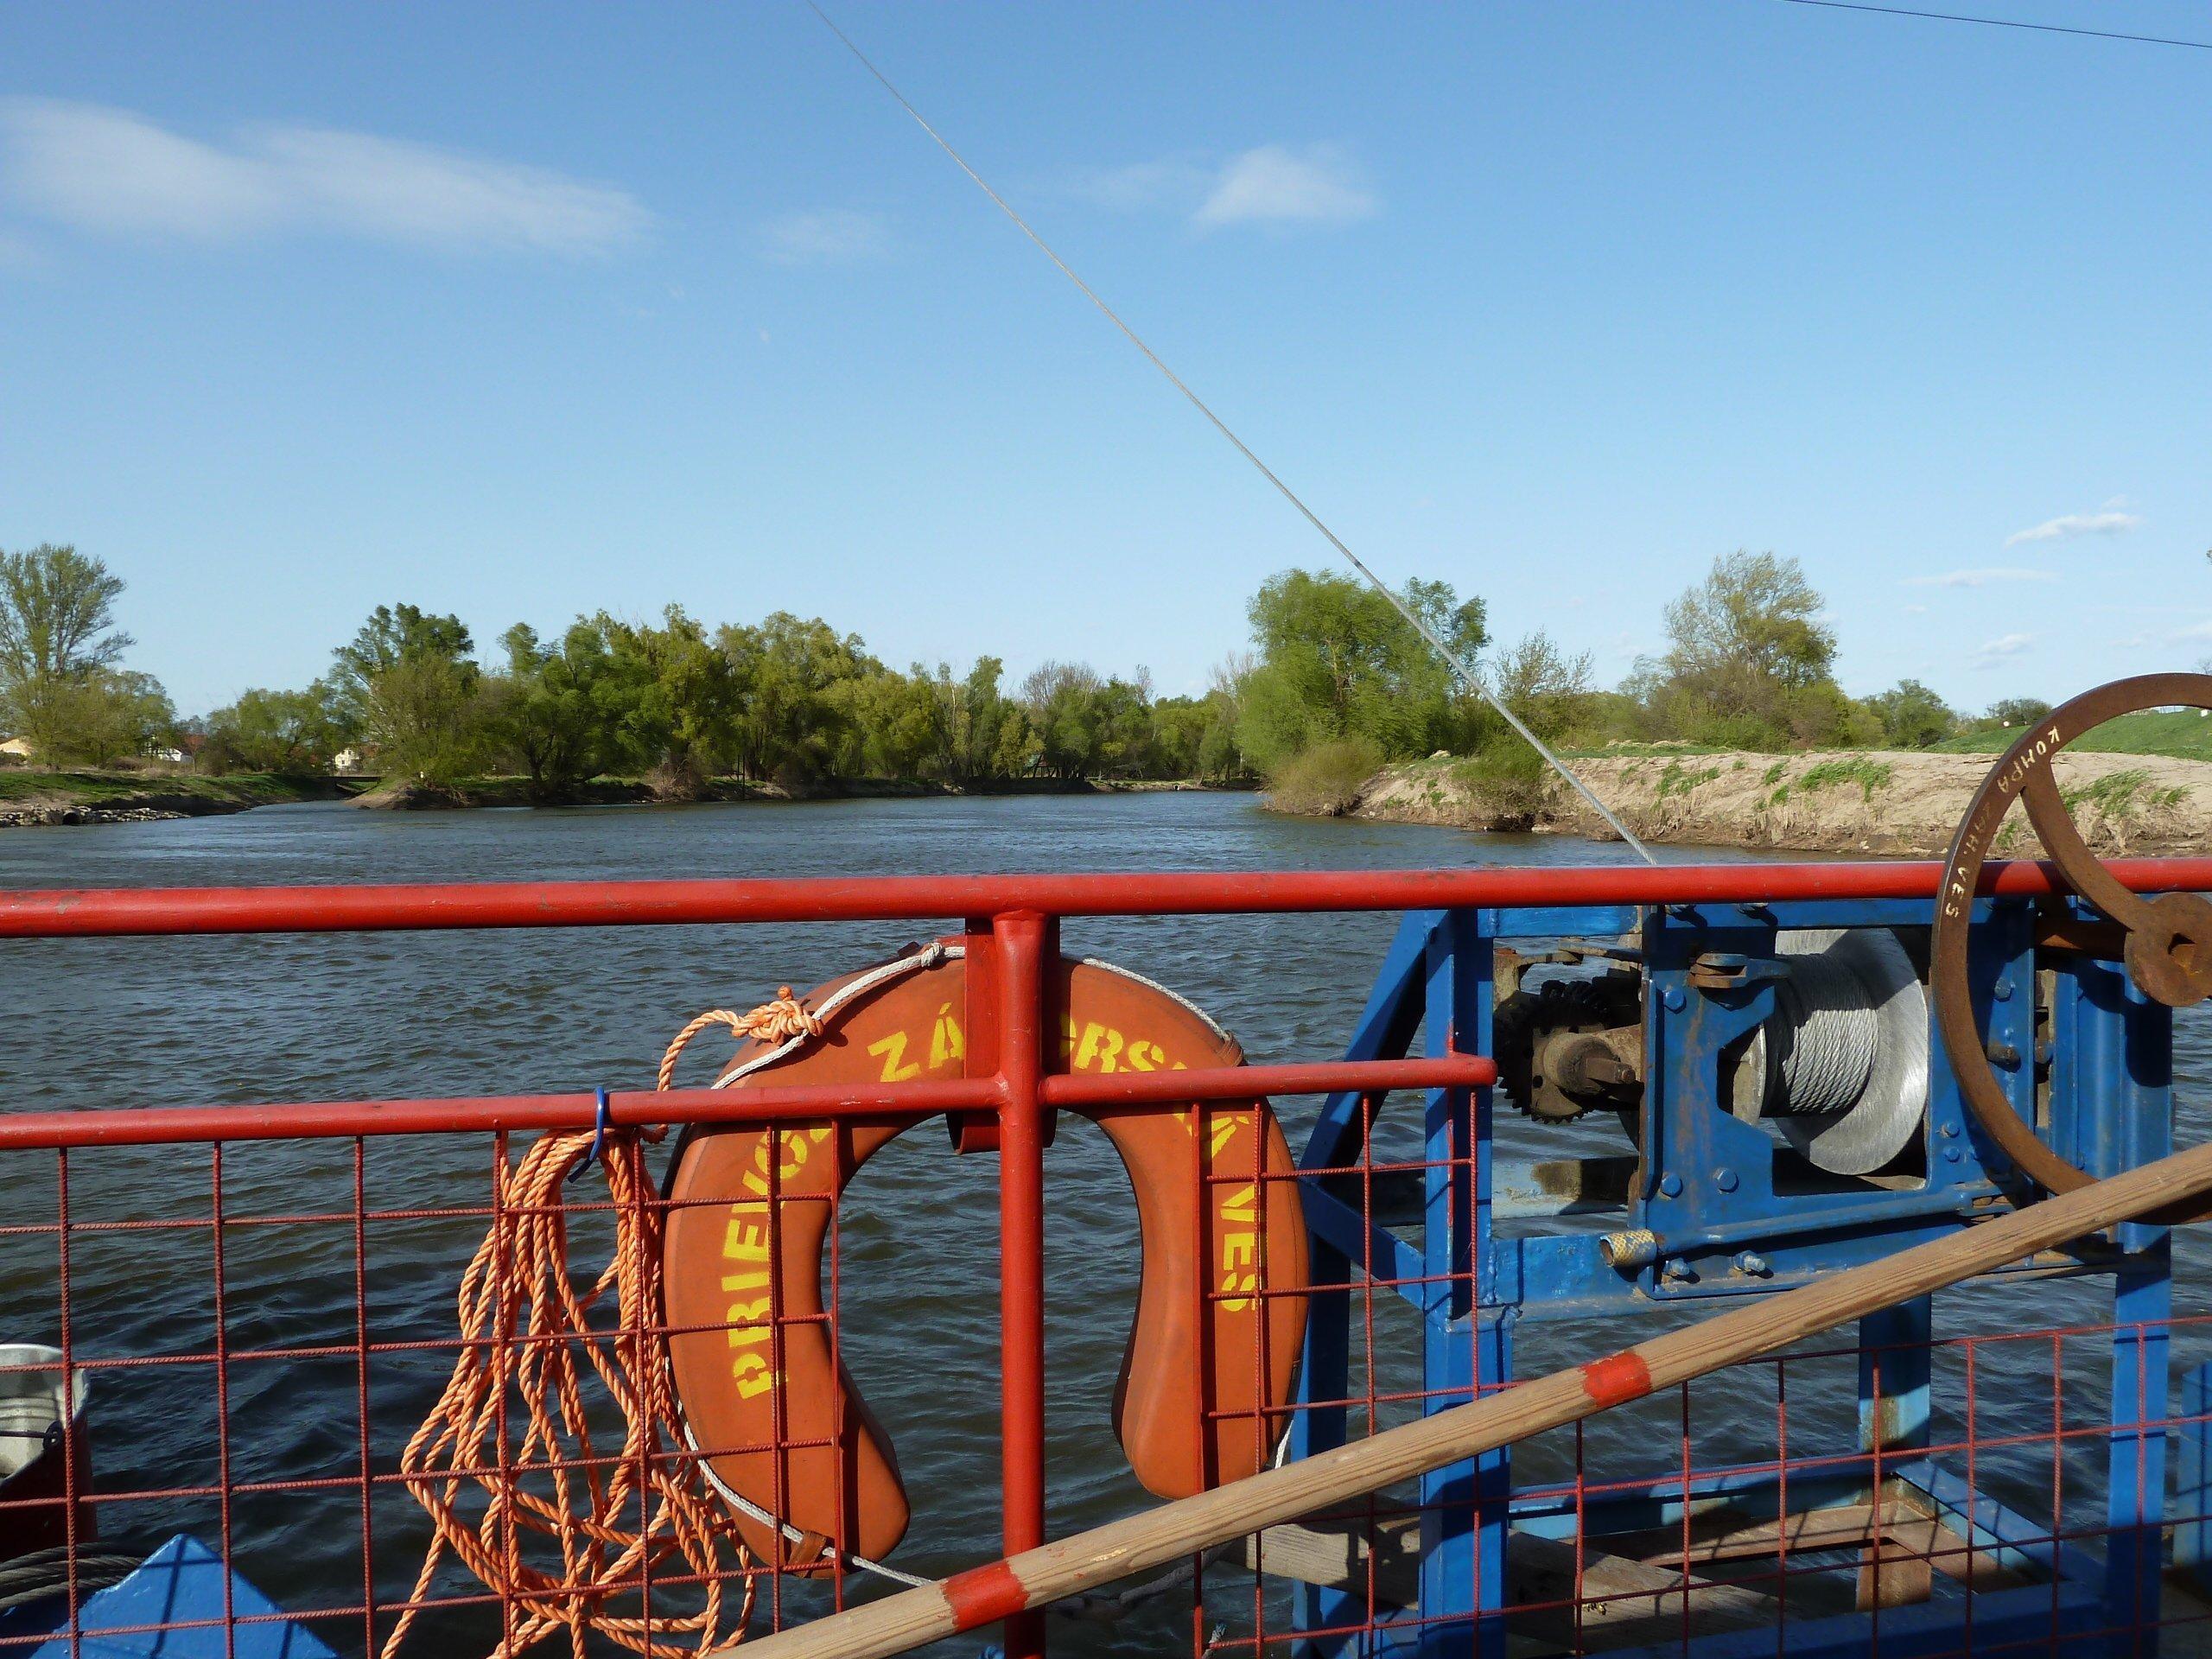 Die Rollfähre hängt an einem Stahlseil. Durch die Strömung des Flusses setzt sich die Fähre in Bewegung. Sie verbindet das österreichische und das slowakische Ufer.